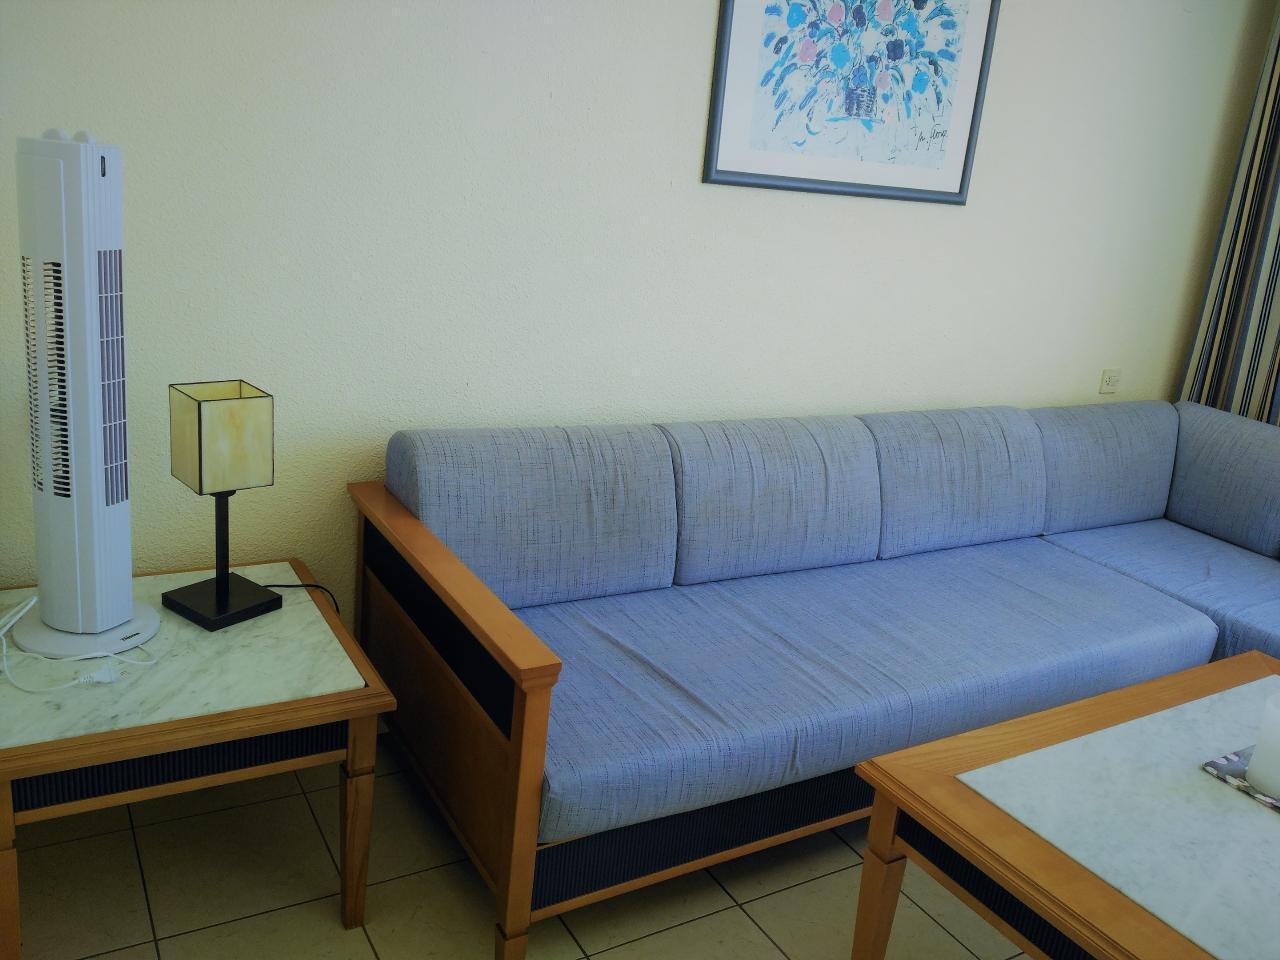 Ferienwohnung Apartment 2 / 4p am Strand und mit allen Dienstleistungen, mit Meerblick, Swimmingpools, a (487787), Morro Jable, Fuerteventura, Kanarische Inseln, Spanien, Bild 7